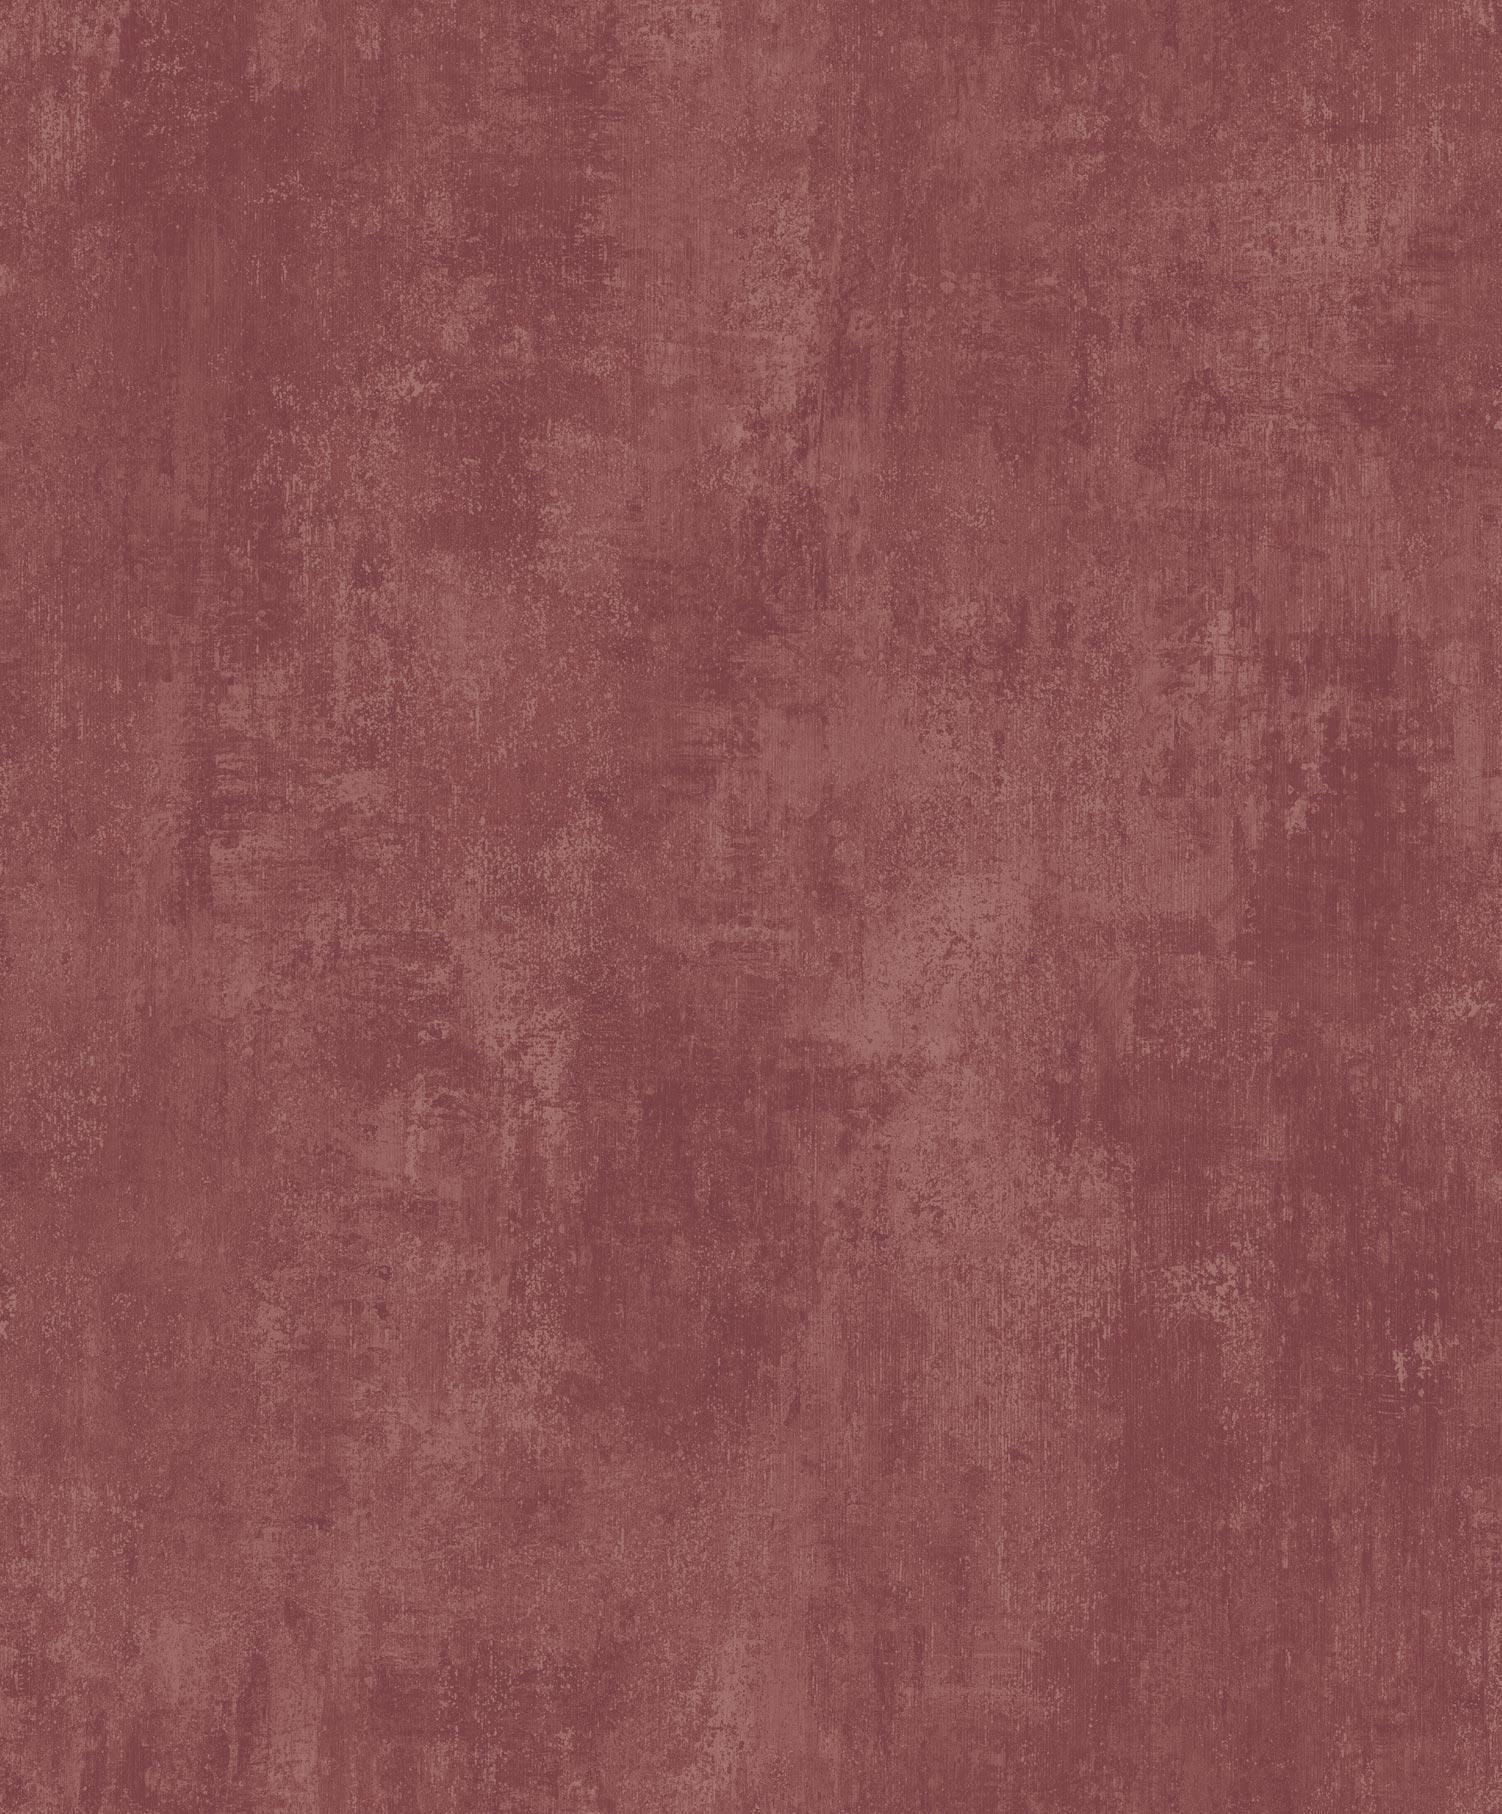 Обои Ugepa Couleurs j74310 (Угепа)